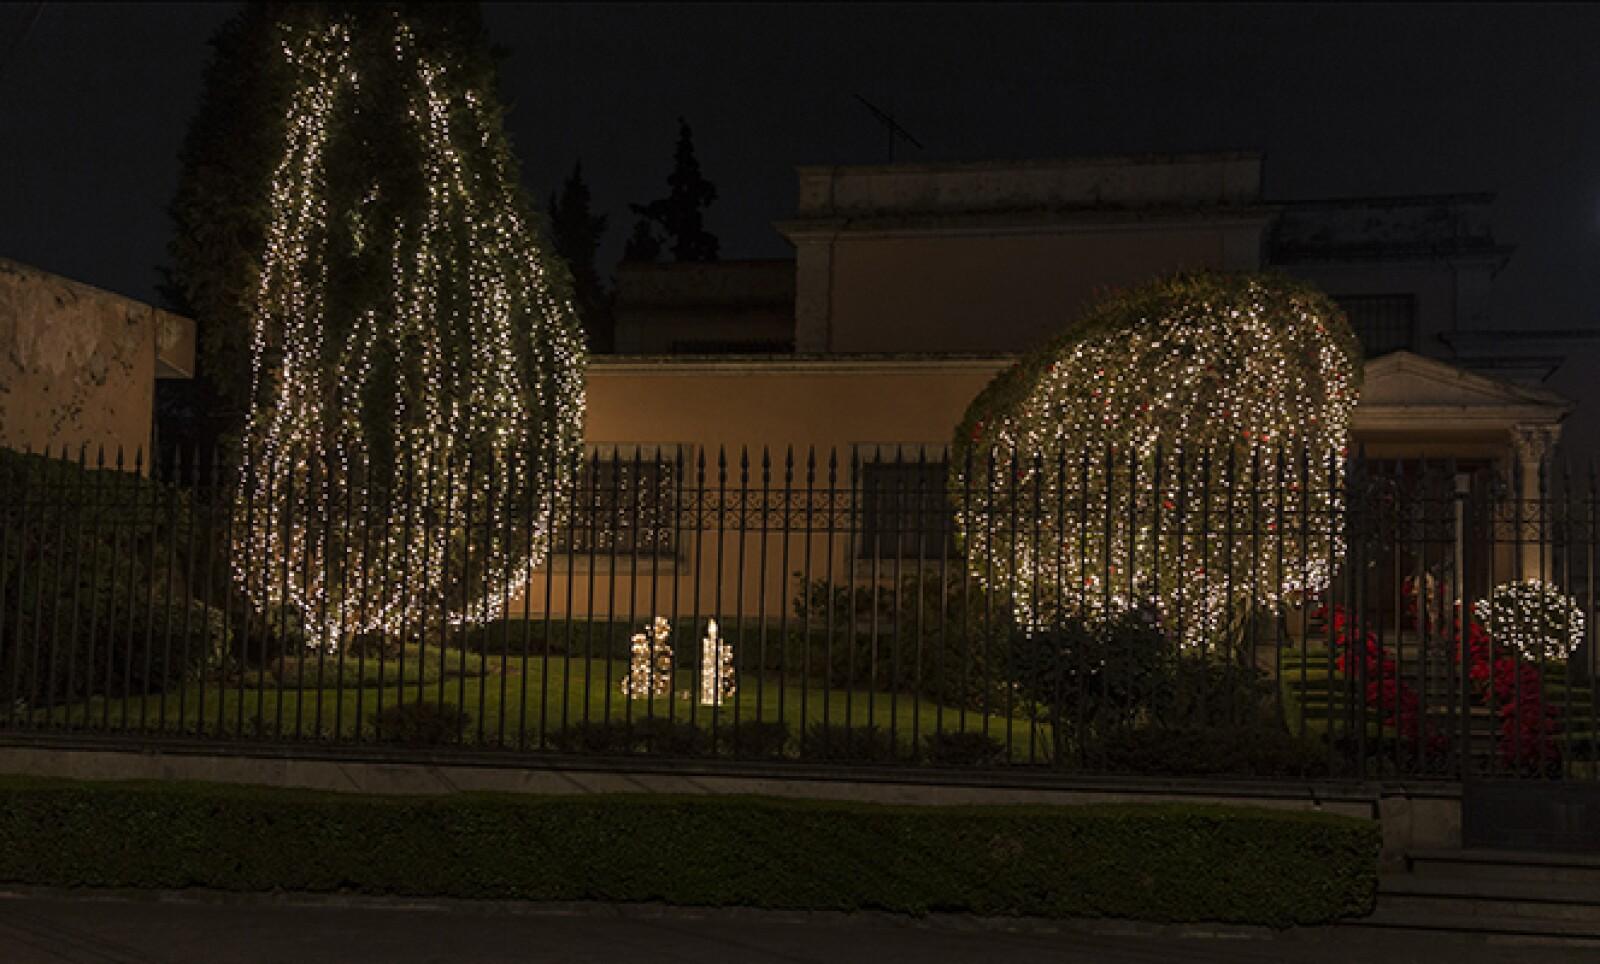 Dicha zona de la ciudad, una de las más exclusivas, se caracteriza por sus estéticos adornos navideños.